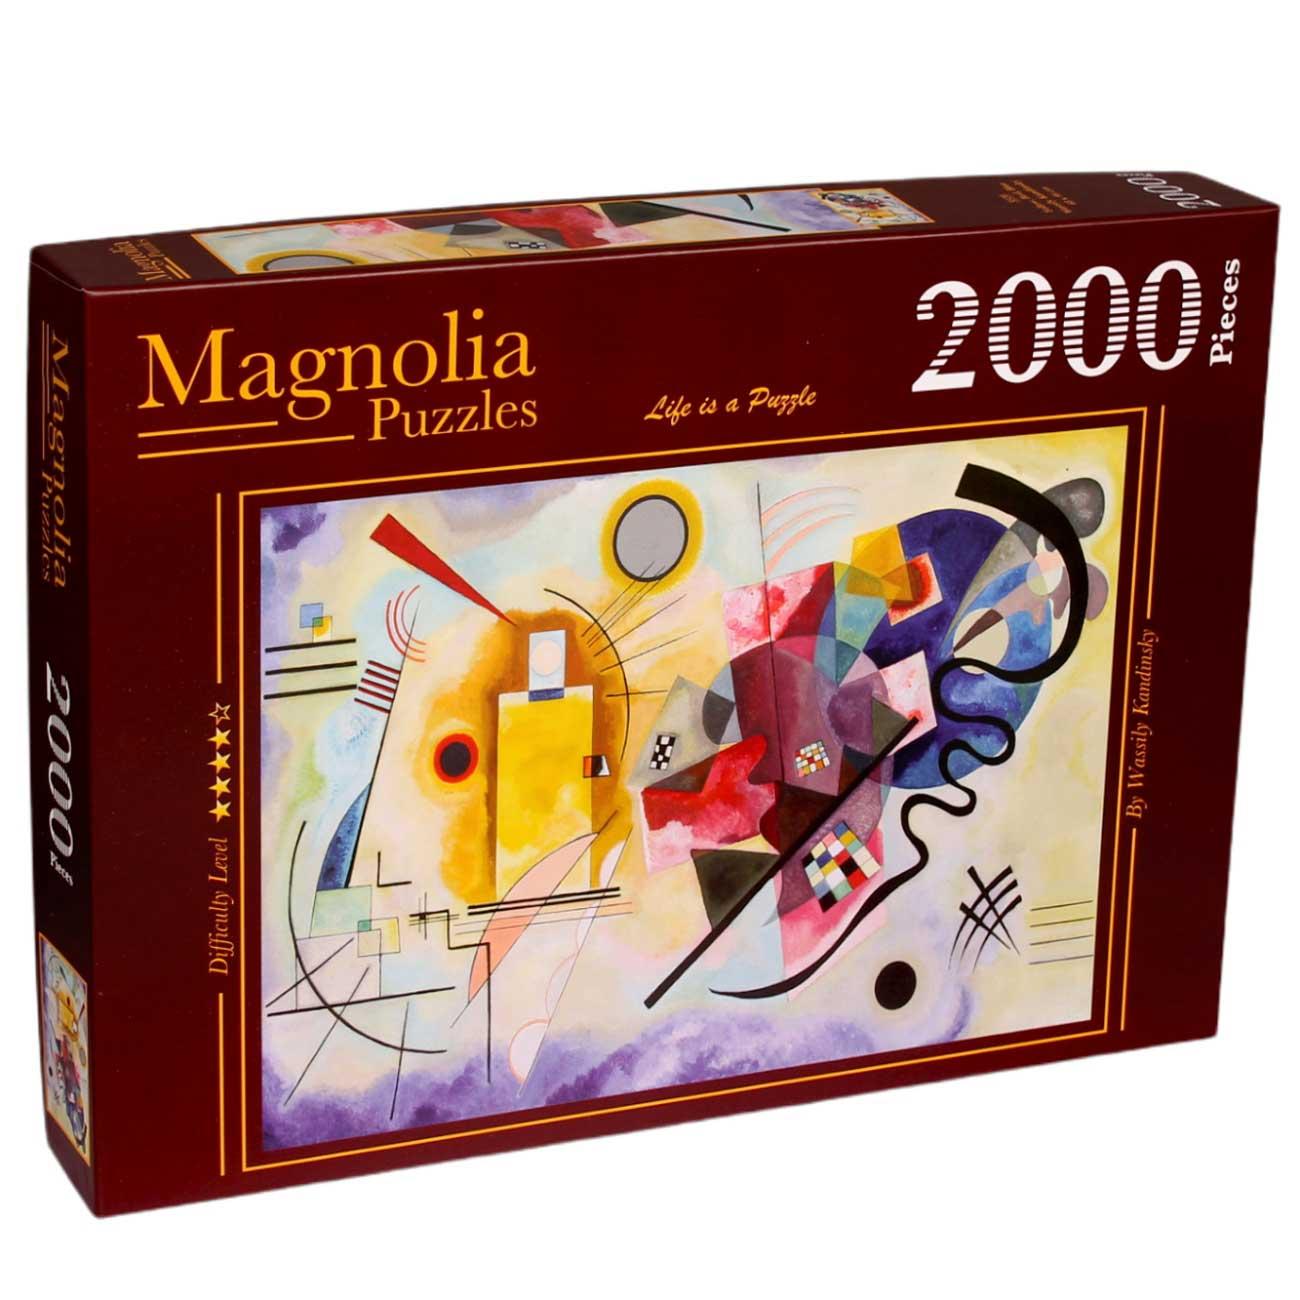 Puzzle Magnolia Amarillo, Rojo y Azul de 2000 Piezas